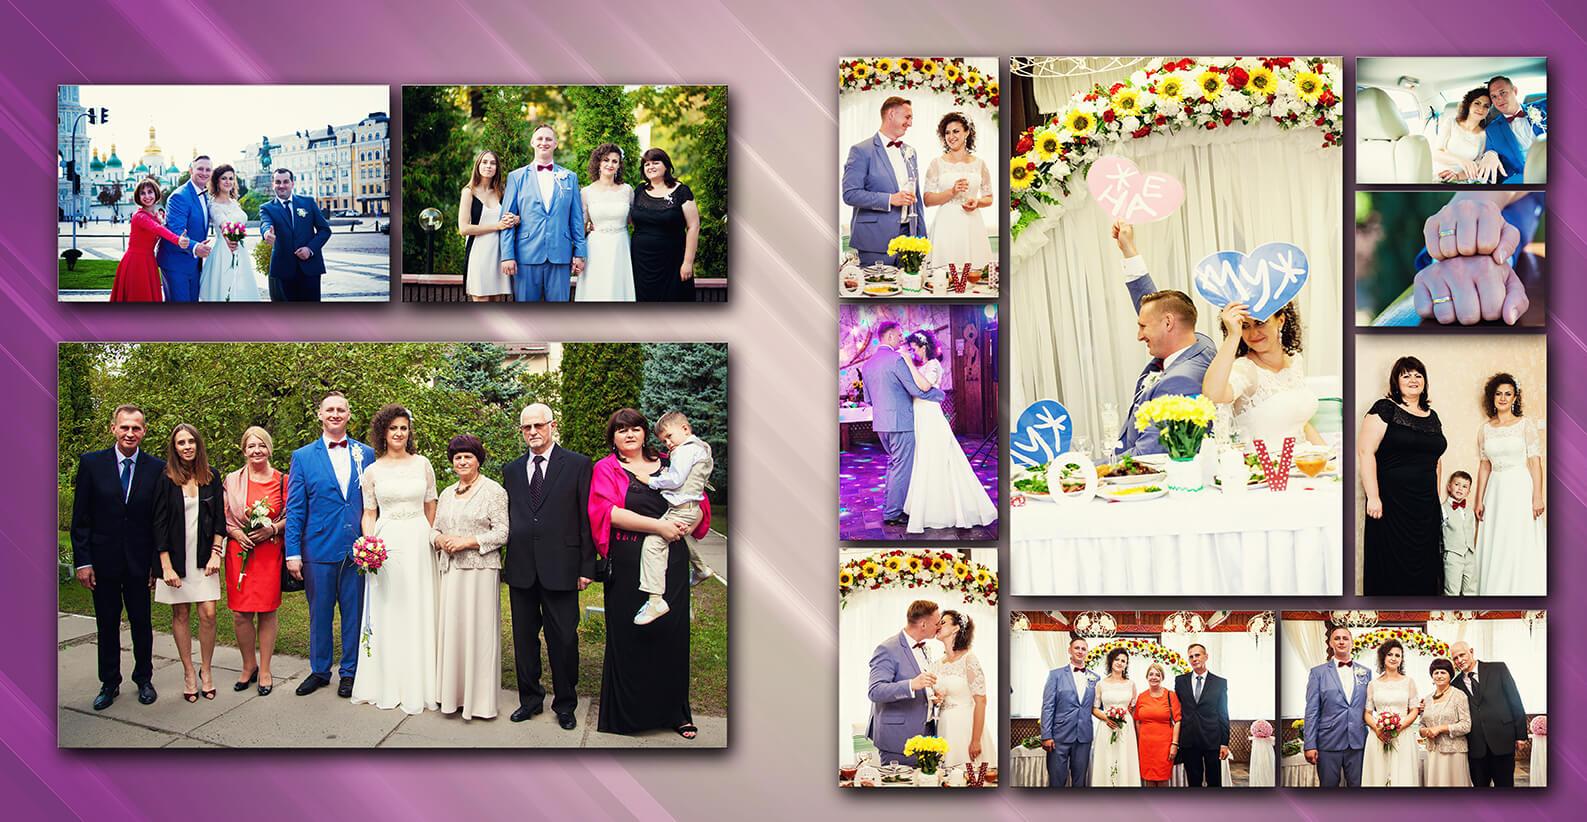 svadebnaja-fotokniga-albom-zakazat-fotograf-kiev-primery-12